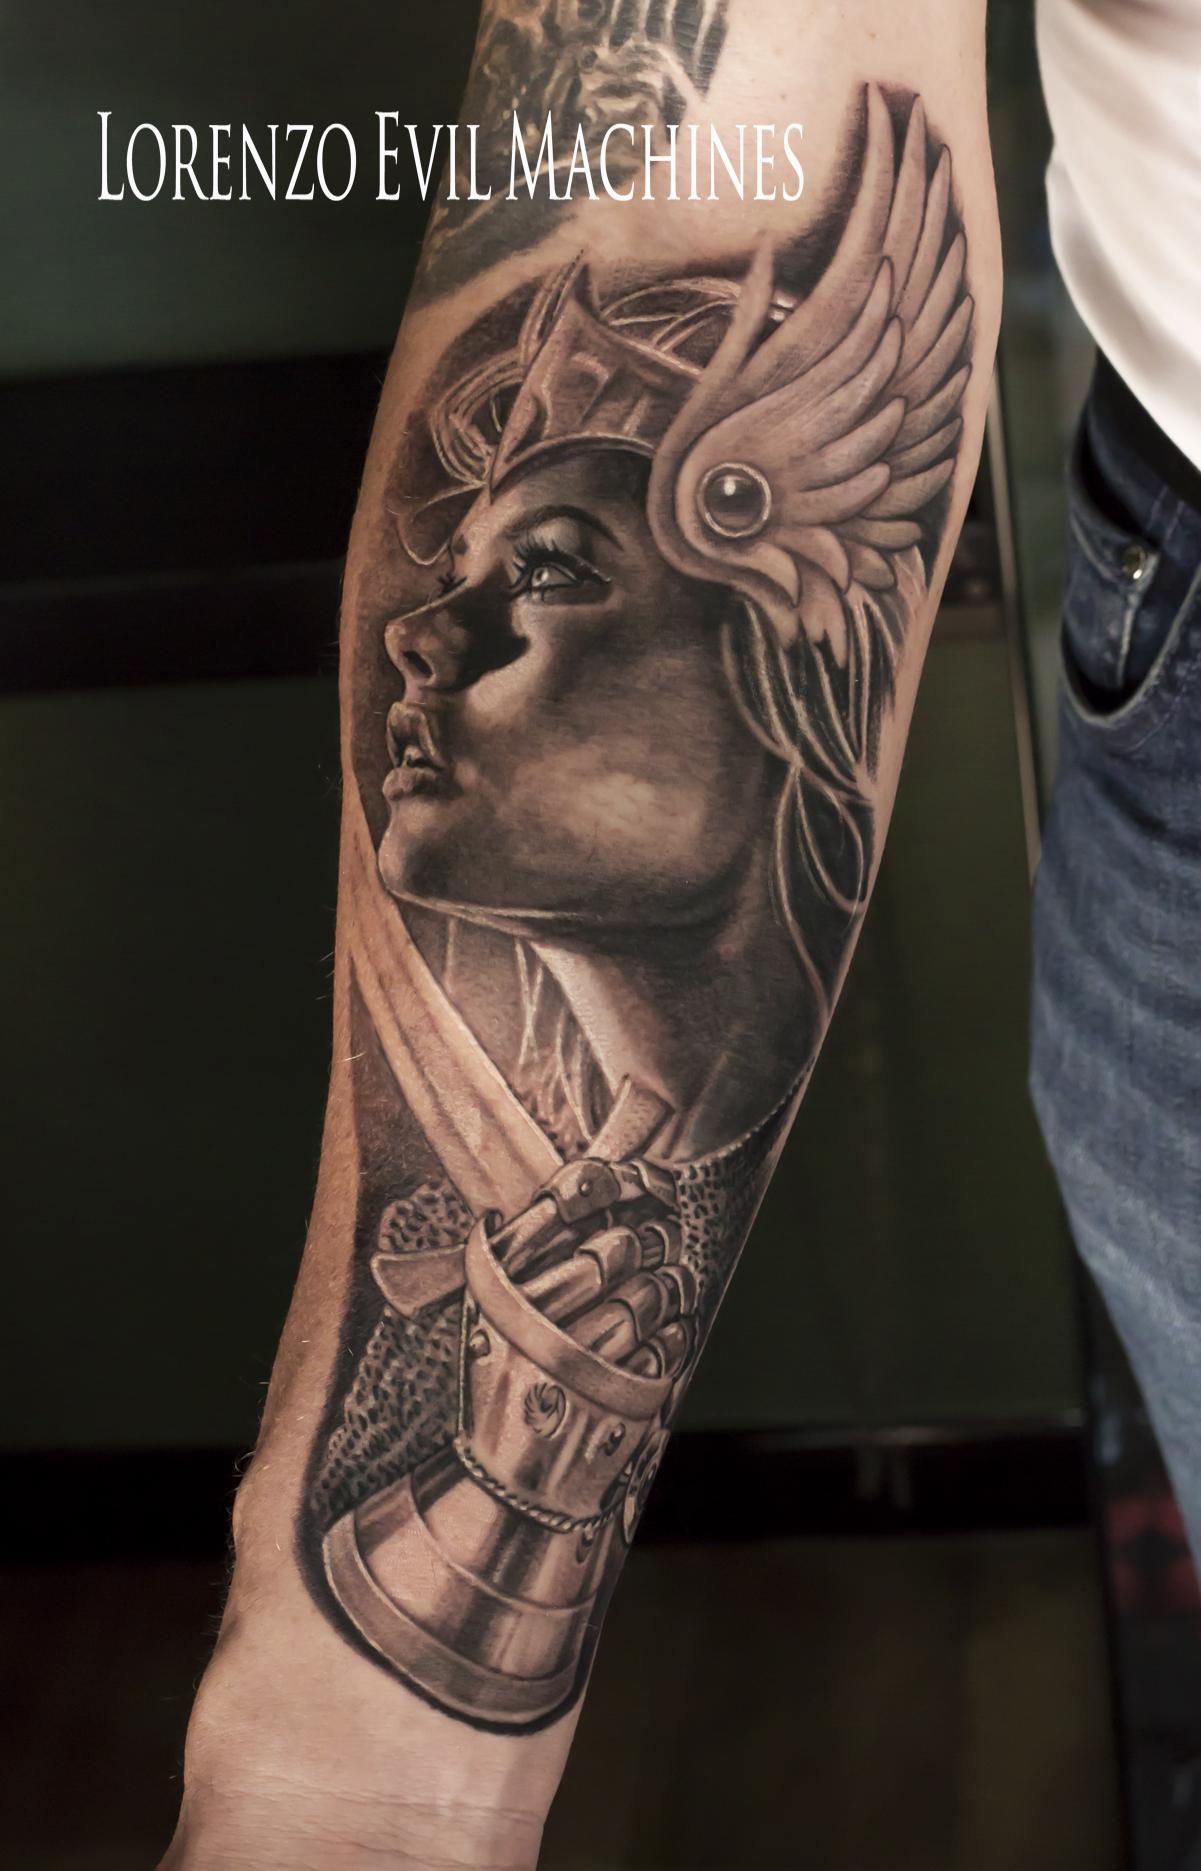 Viking_valchiria_warrior_female_guerriera_Lorenzo_tatuatore_Evil_Machines_realistic_tattoo_tatuaggi_realistici_Roma_miglior_migliore_ritratti